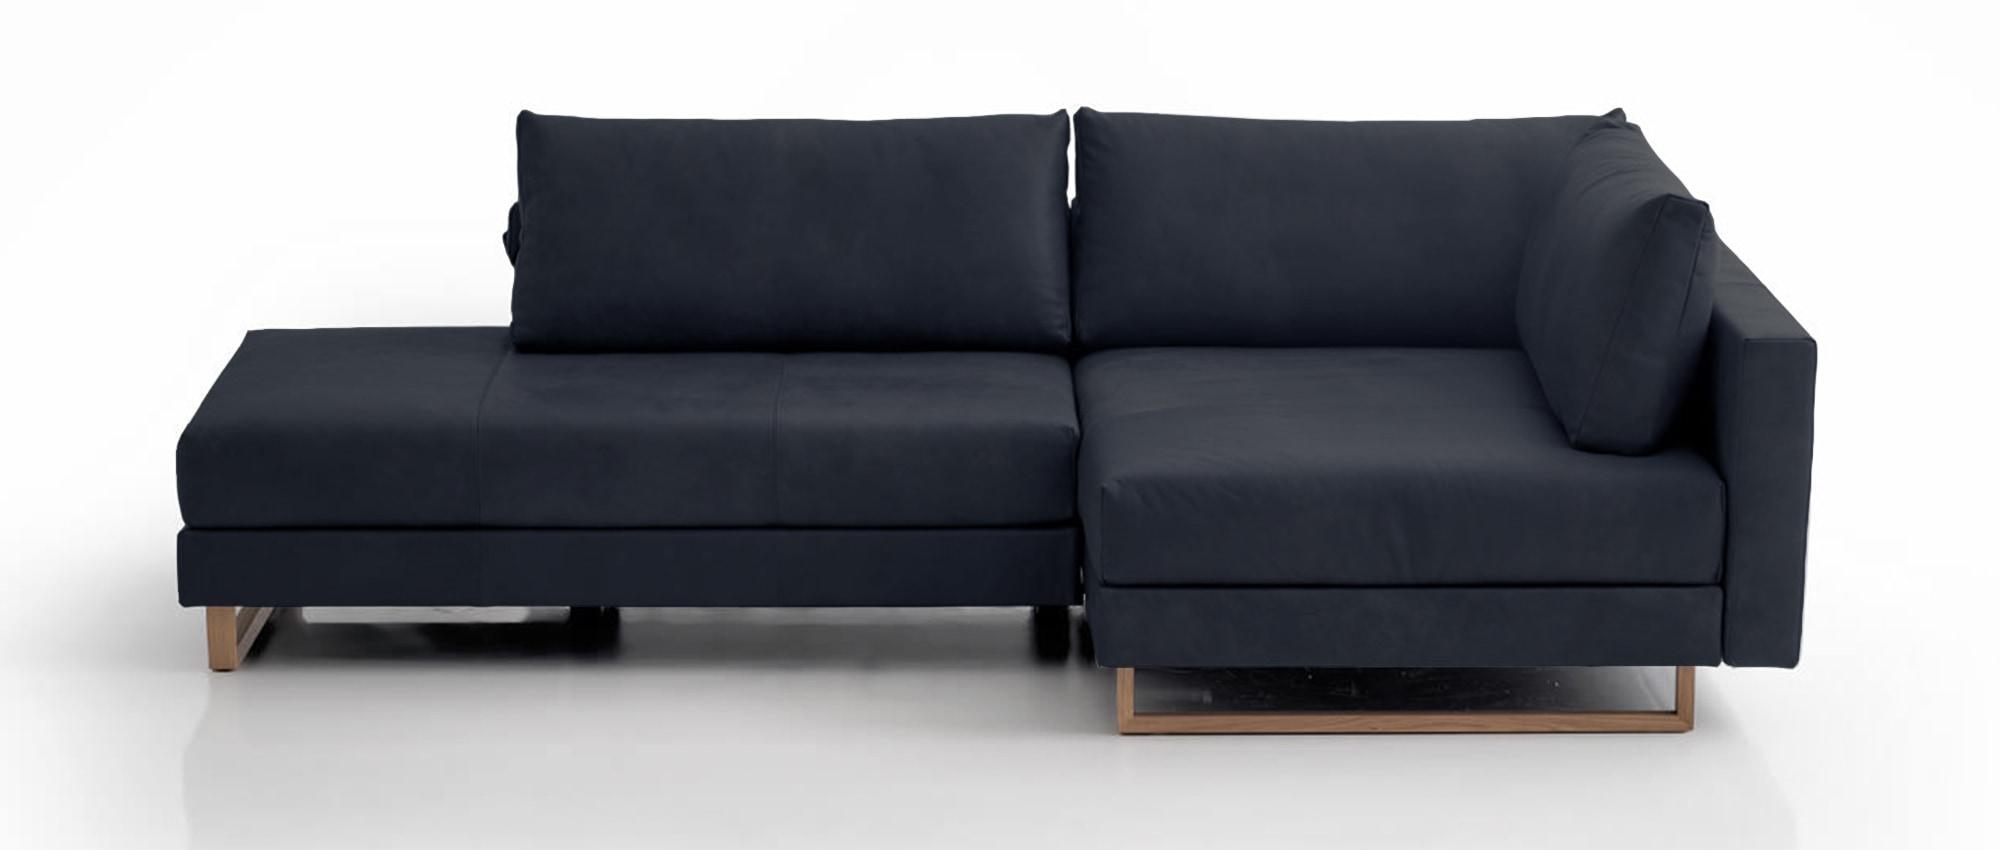 CORALI Eckschlafsofa von Franz Fertig in Leder blau. Holzkufen. Gästebett. Ecksofa mit Schlaffunktion. Liegefläche ca 150x200 cm.